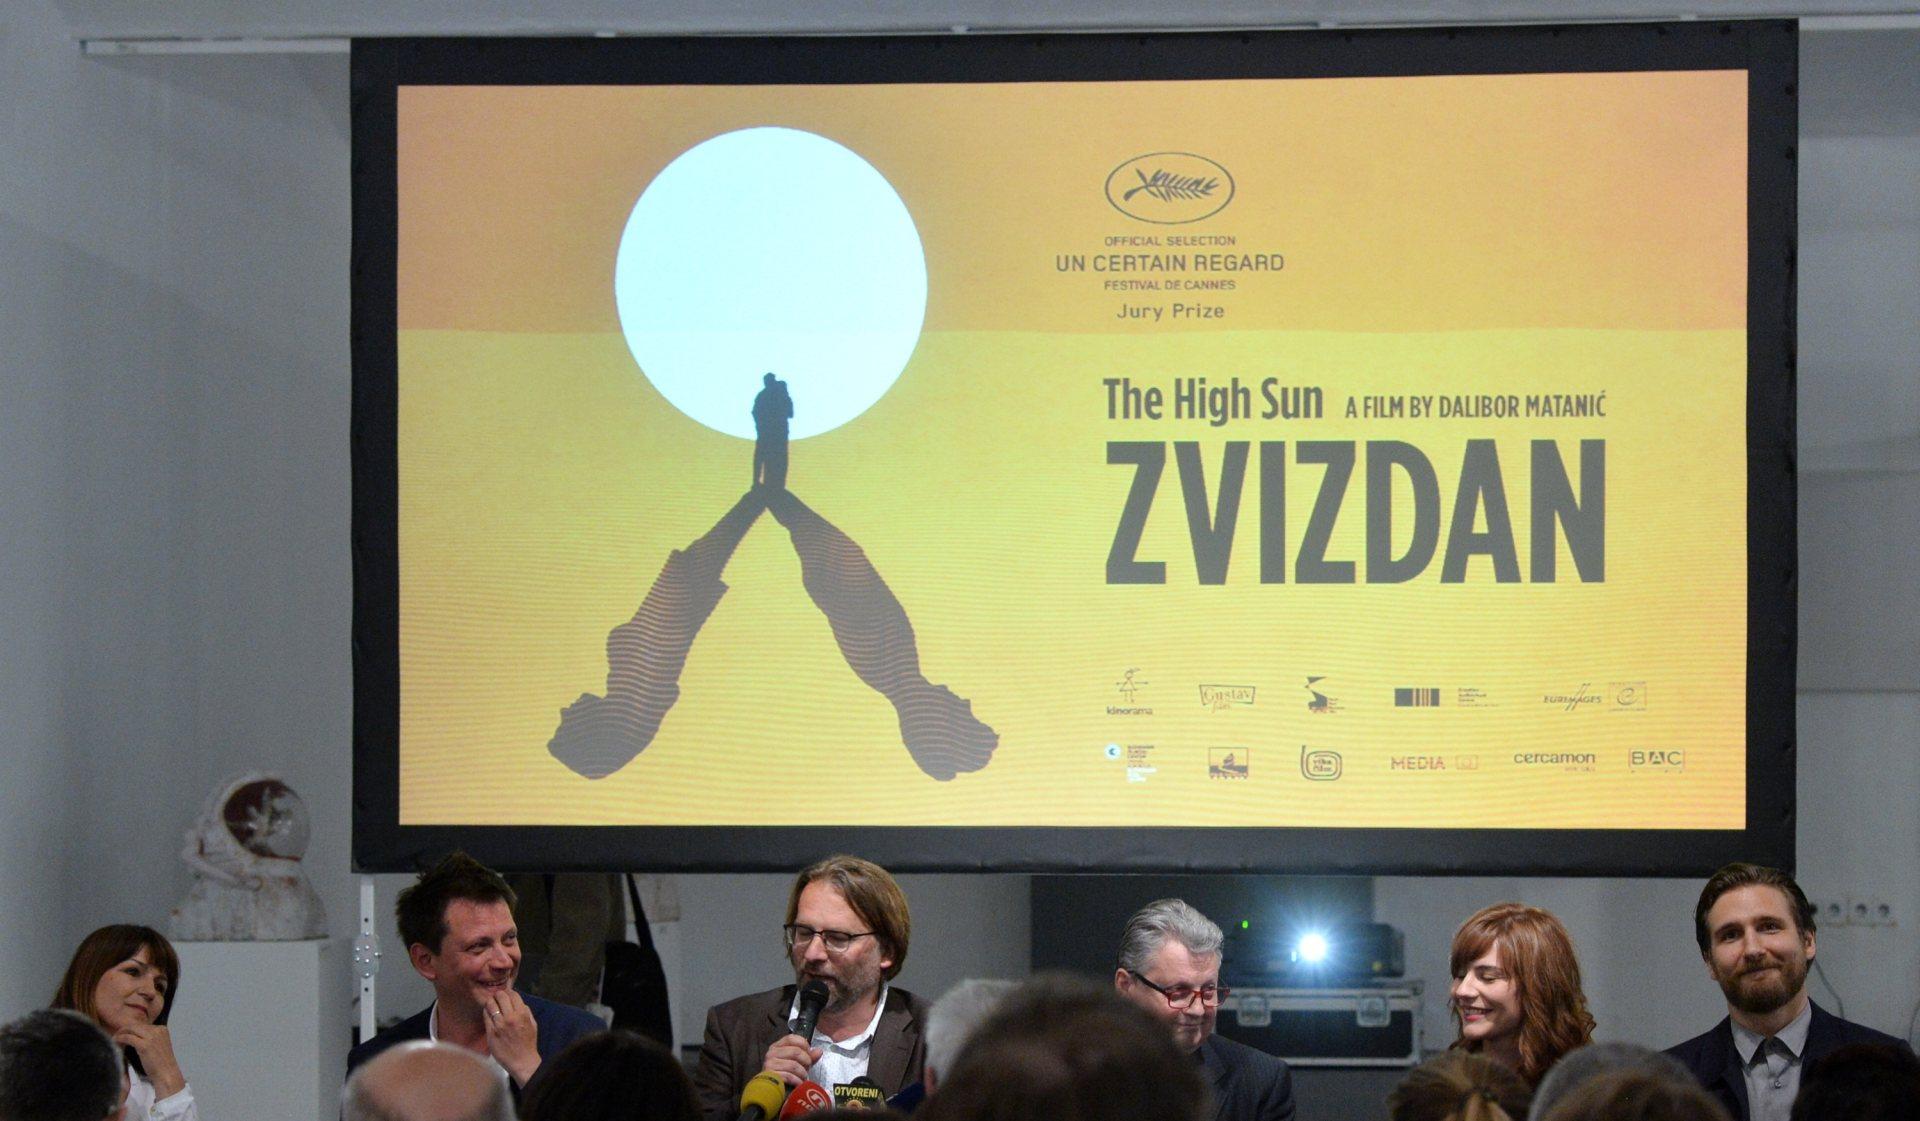 """21. SFF: Turski film """"Mustang"""" ozbiljna konkurencija """"Zvizdanu"""""""